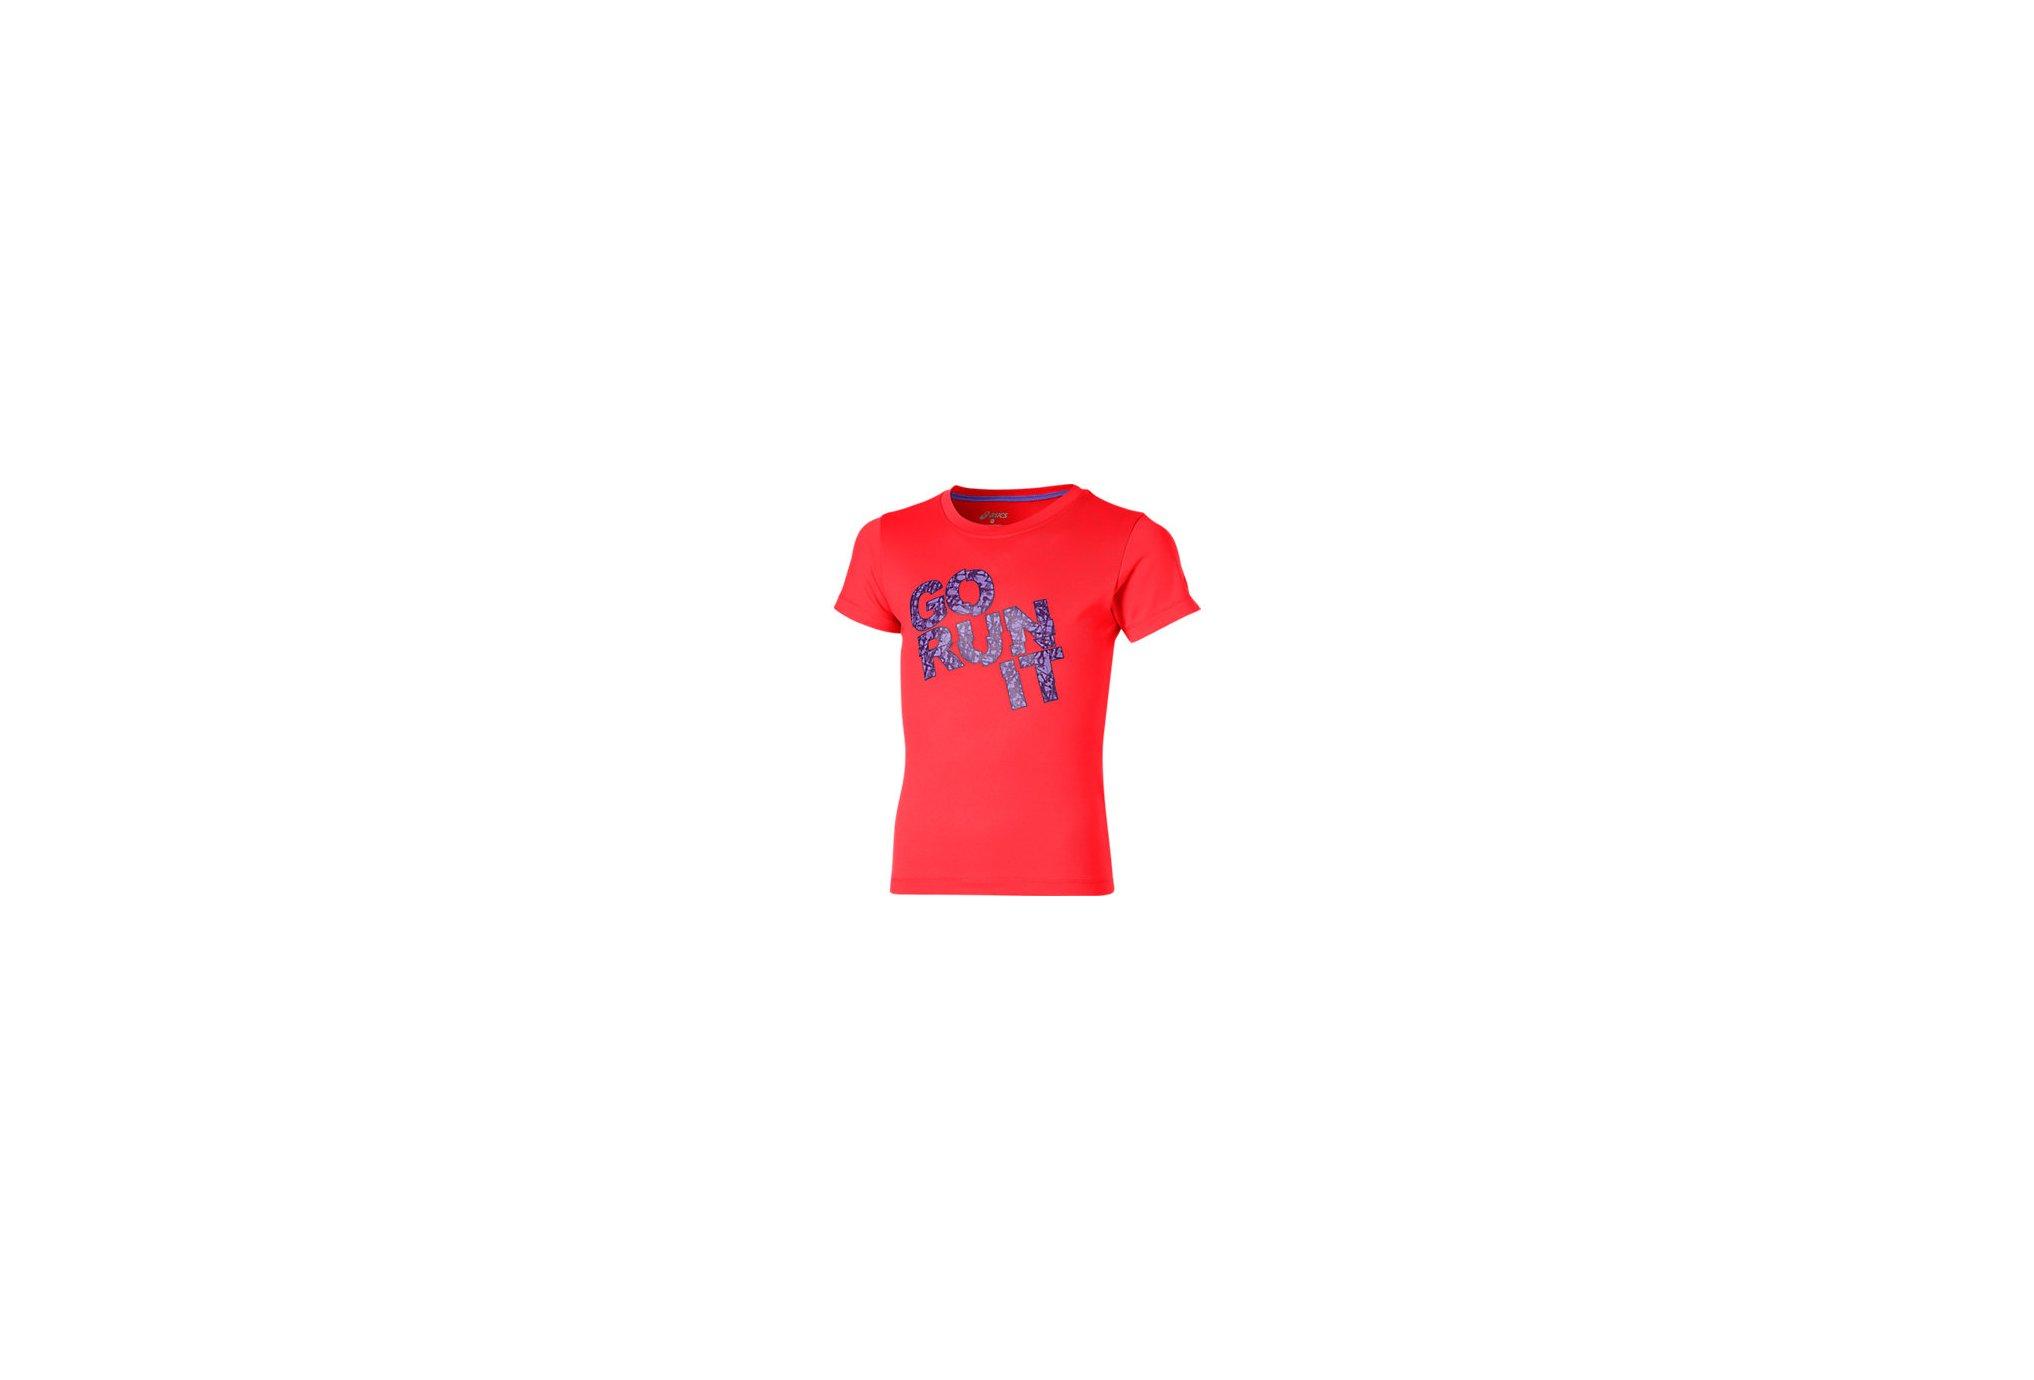 Asics Tee-shirt Graphic Fille Diététique Vêtements femme